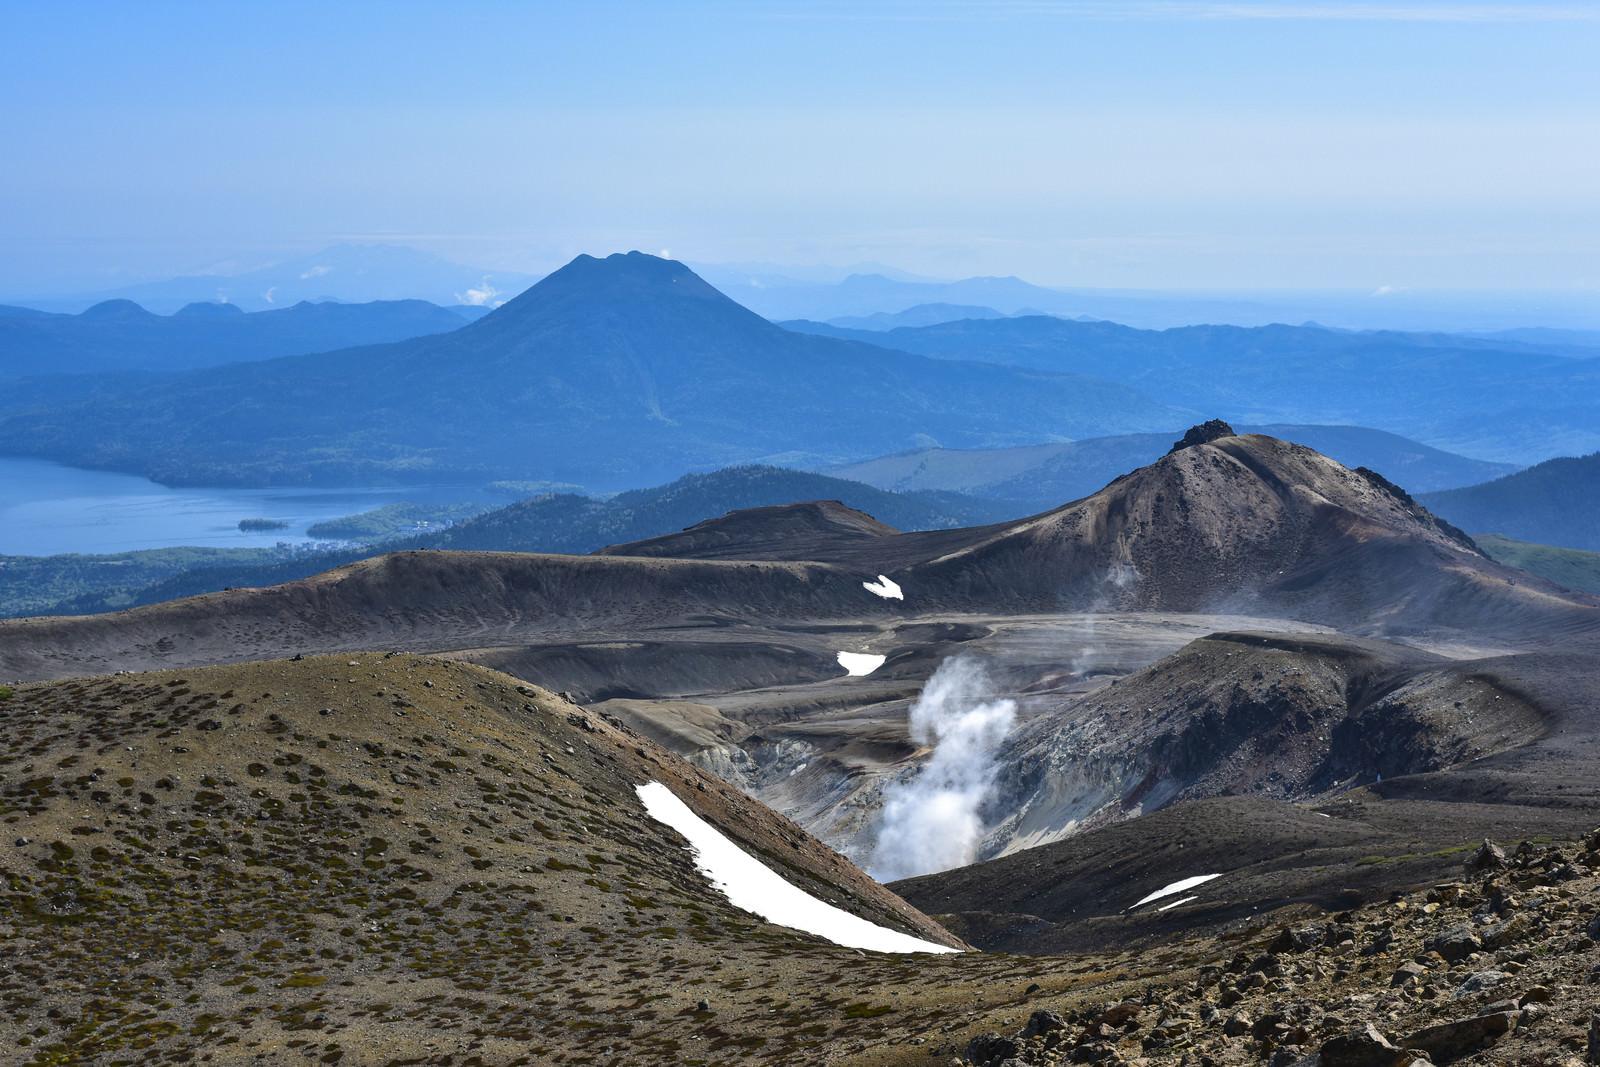 「火山から沸き立つ蒸気と雄阿寒岳(北海道釧路市)」の写真